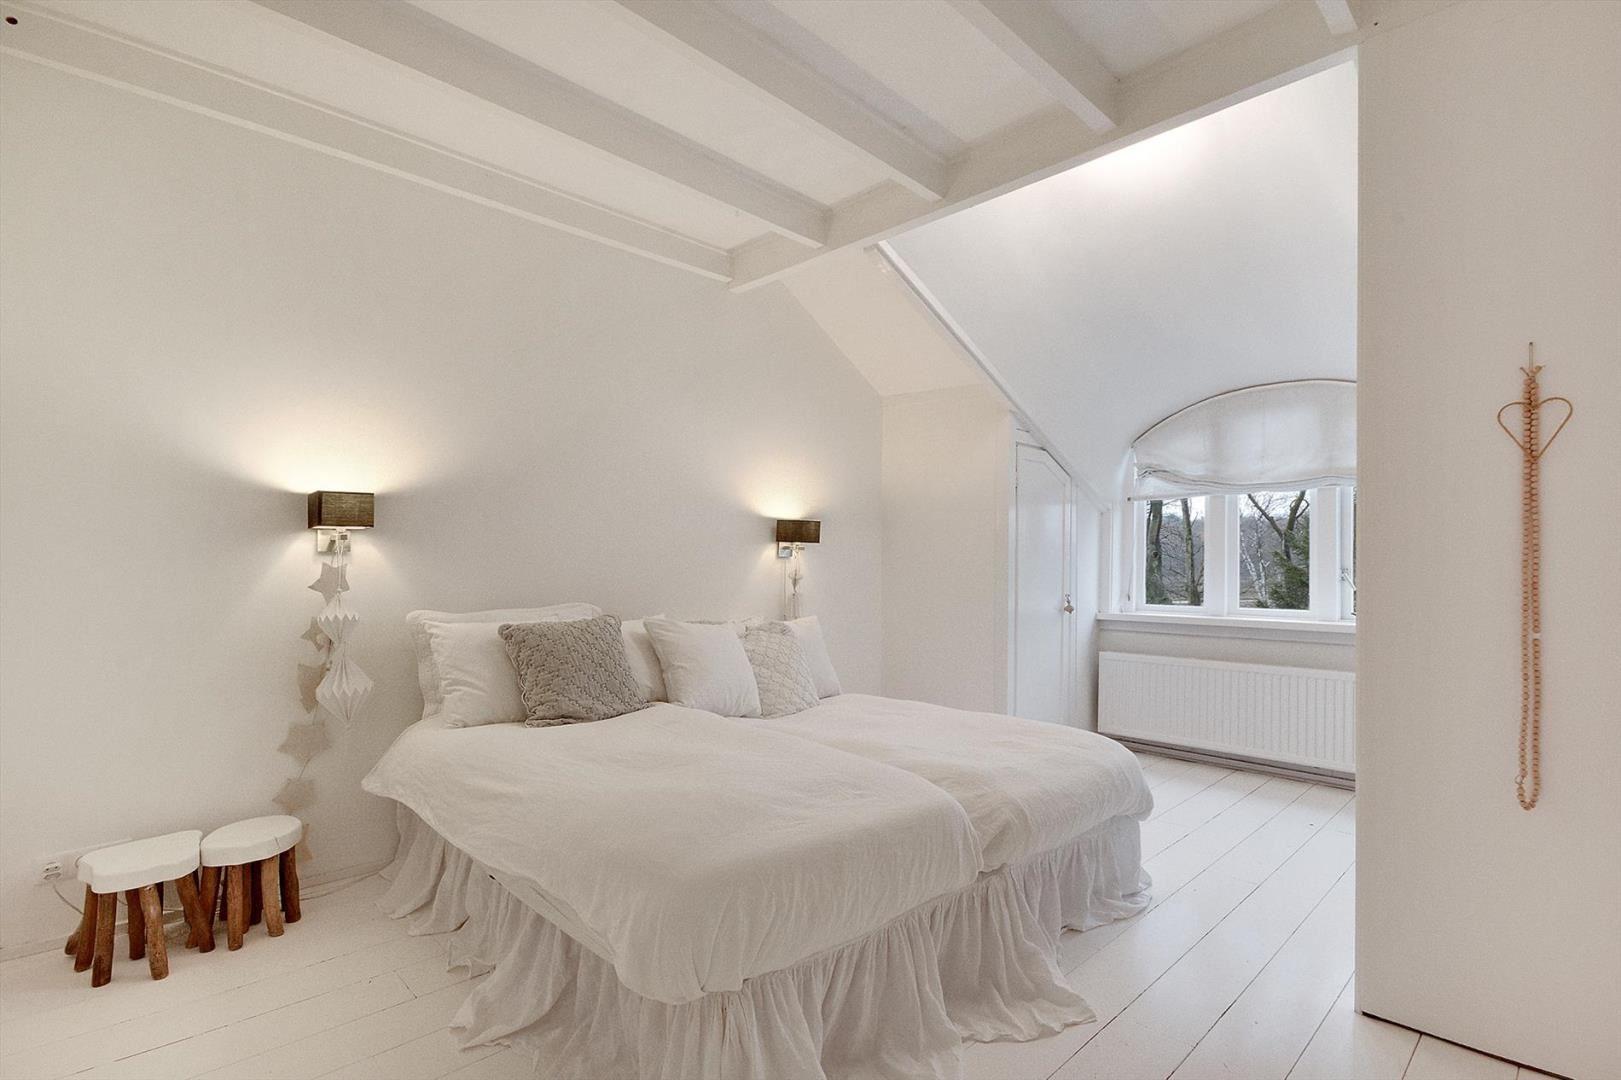 спальня кровать настенные светильники